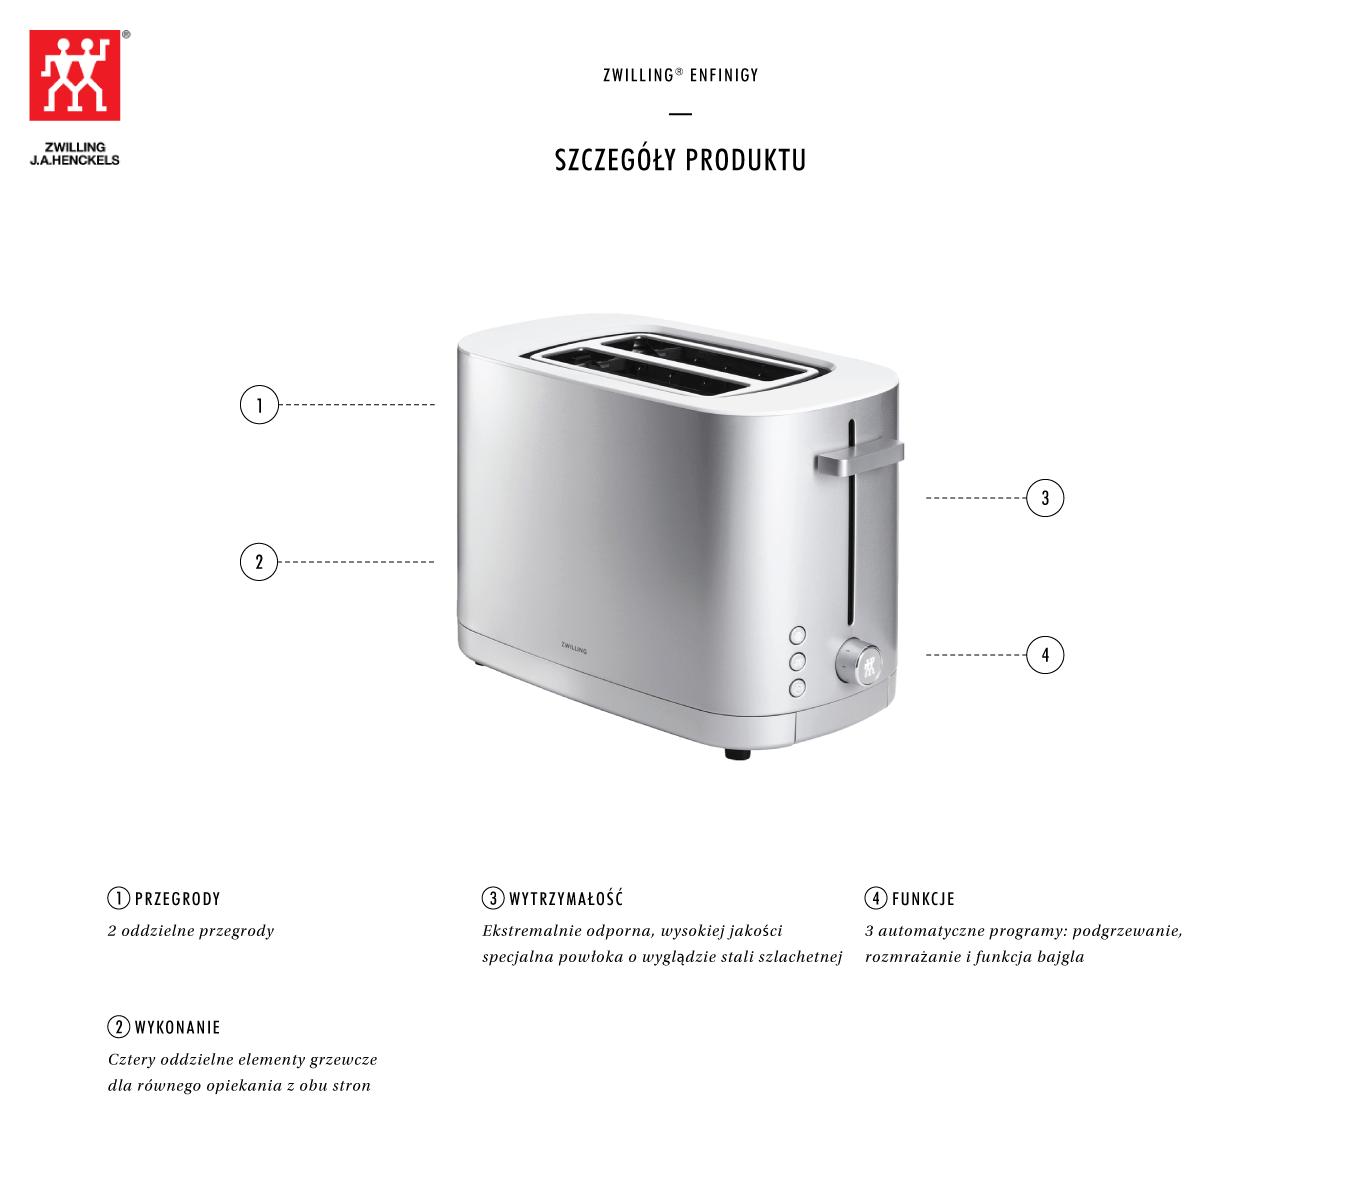 Dlaczego warto kupić mały toster Zwilling Enfinigy?